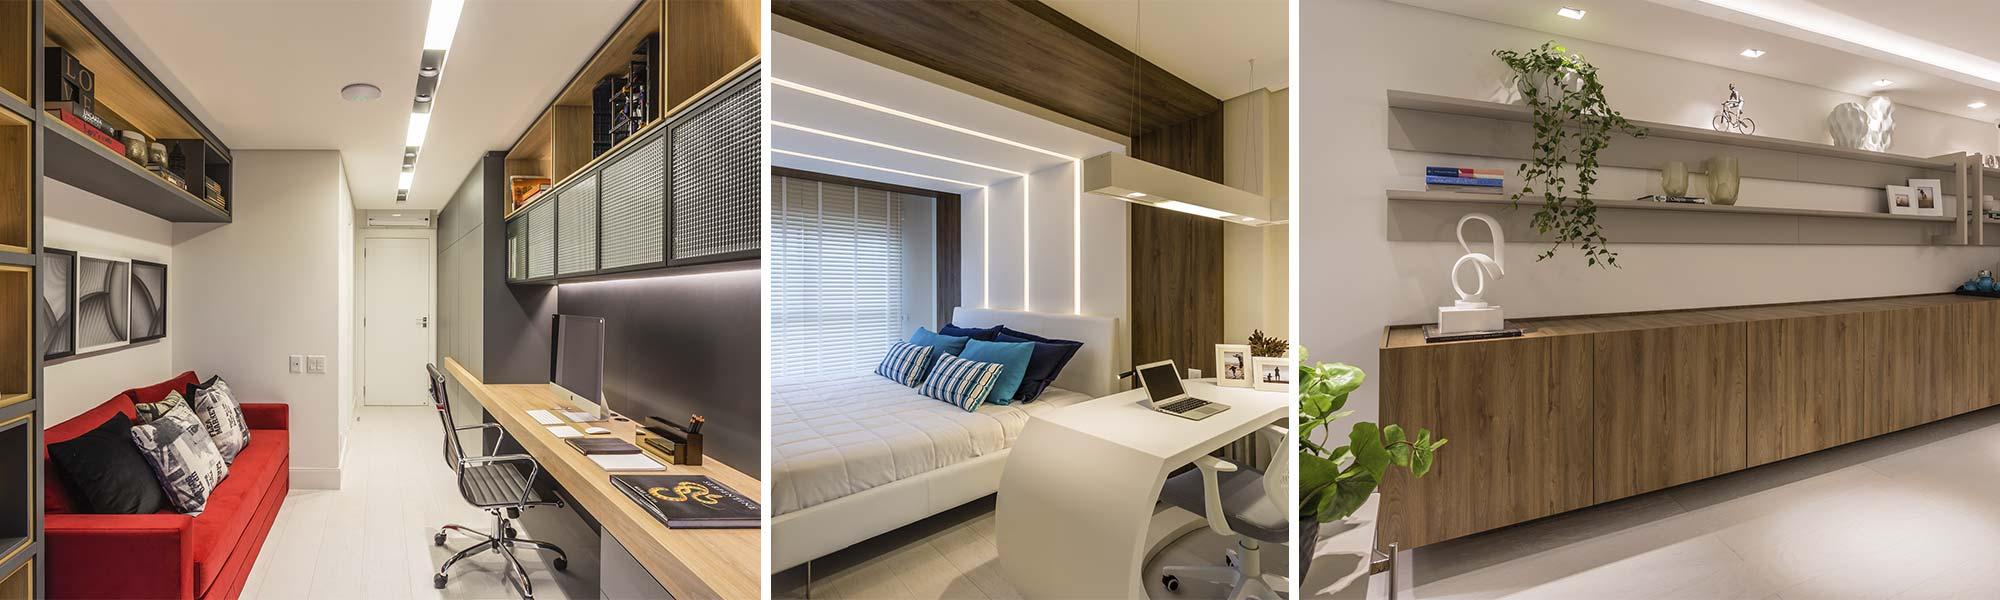 Mariana Pesca assina a arquitetura do apartamento WOA, com paleta de cores e móveis da marca Bontempo